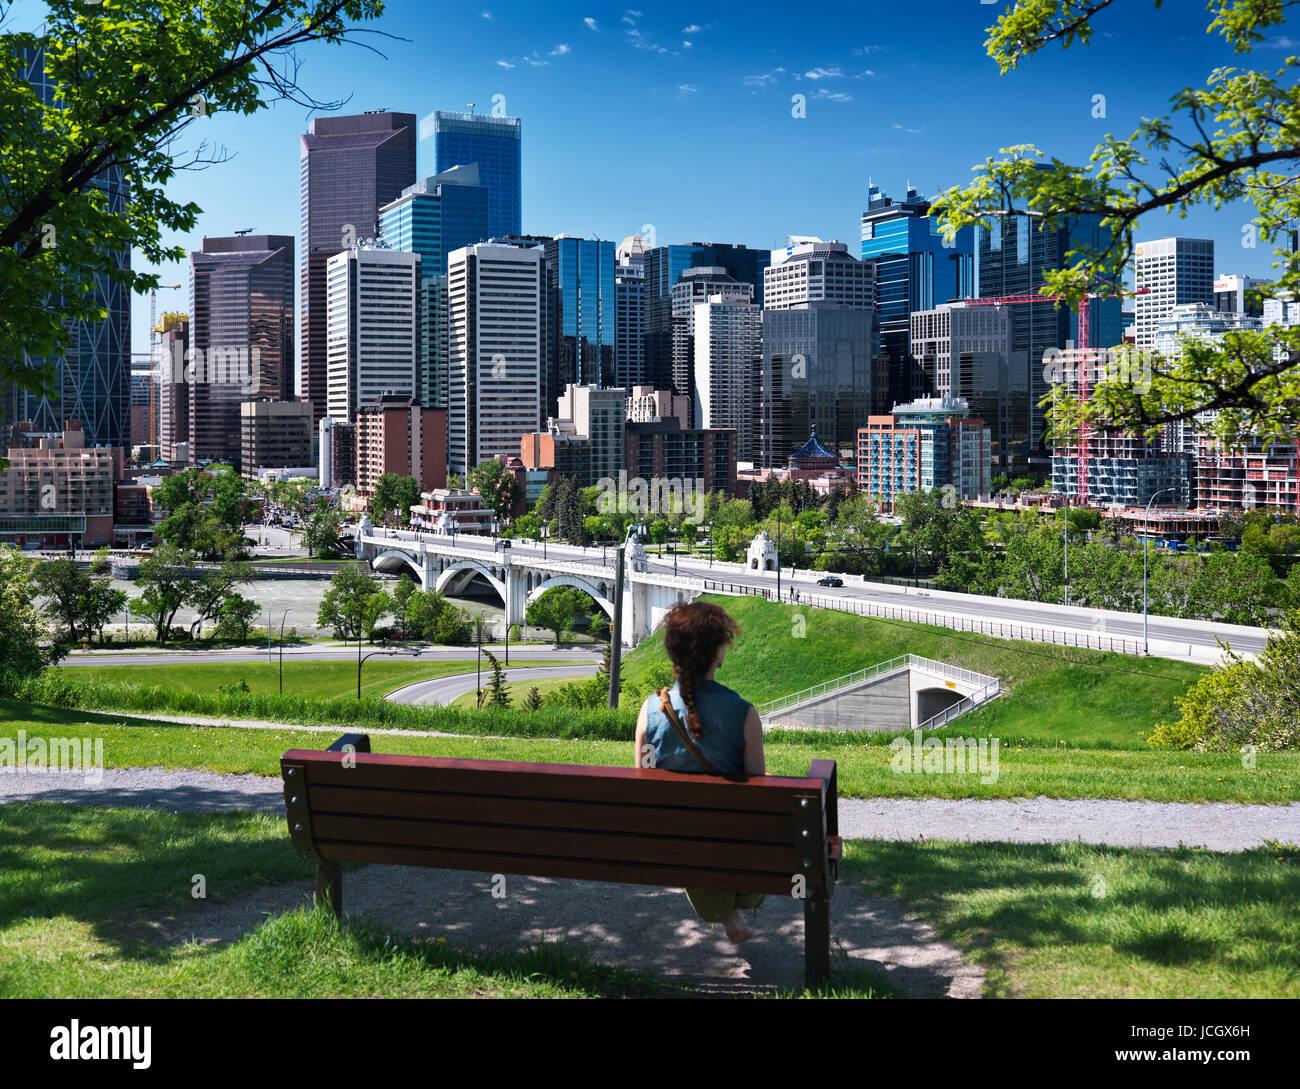 Junge Frau sitzt allein im Sunnyside Bank Park auf einer Bank an einem sonnigen Sommertag mit Centre Street Bridge Stockbild